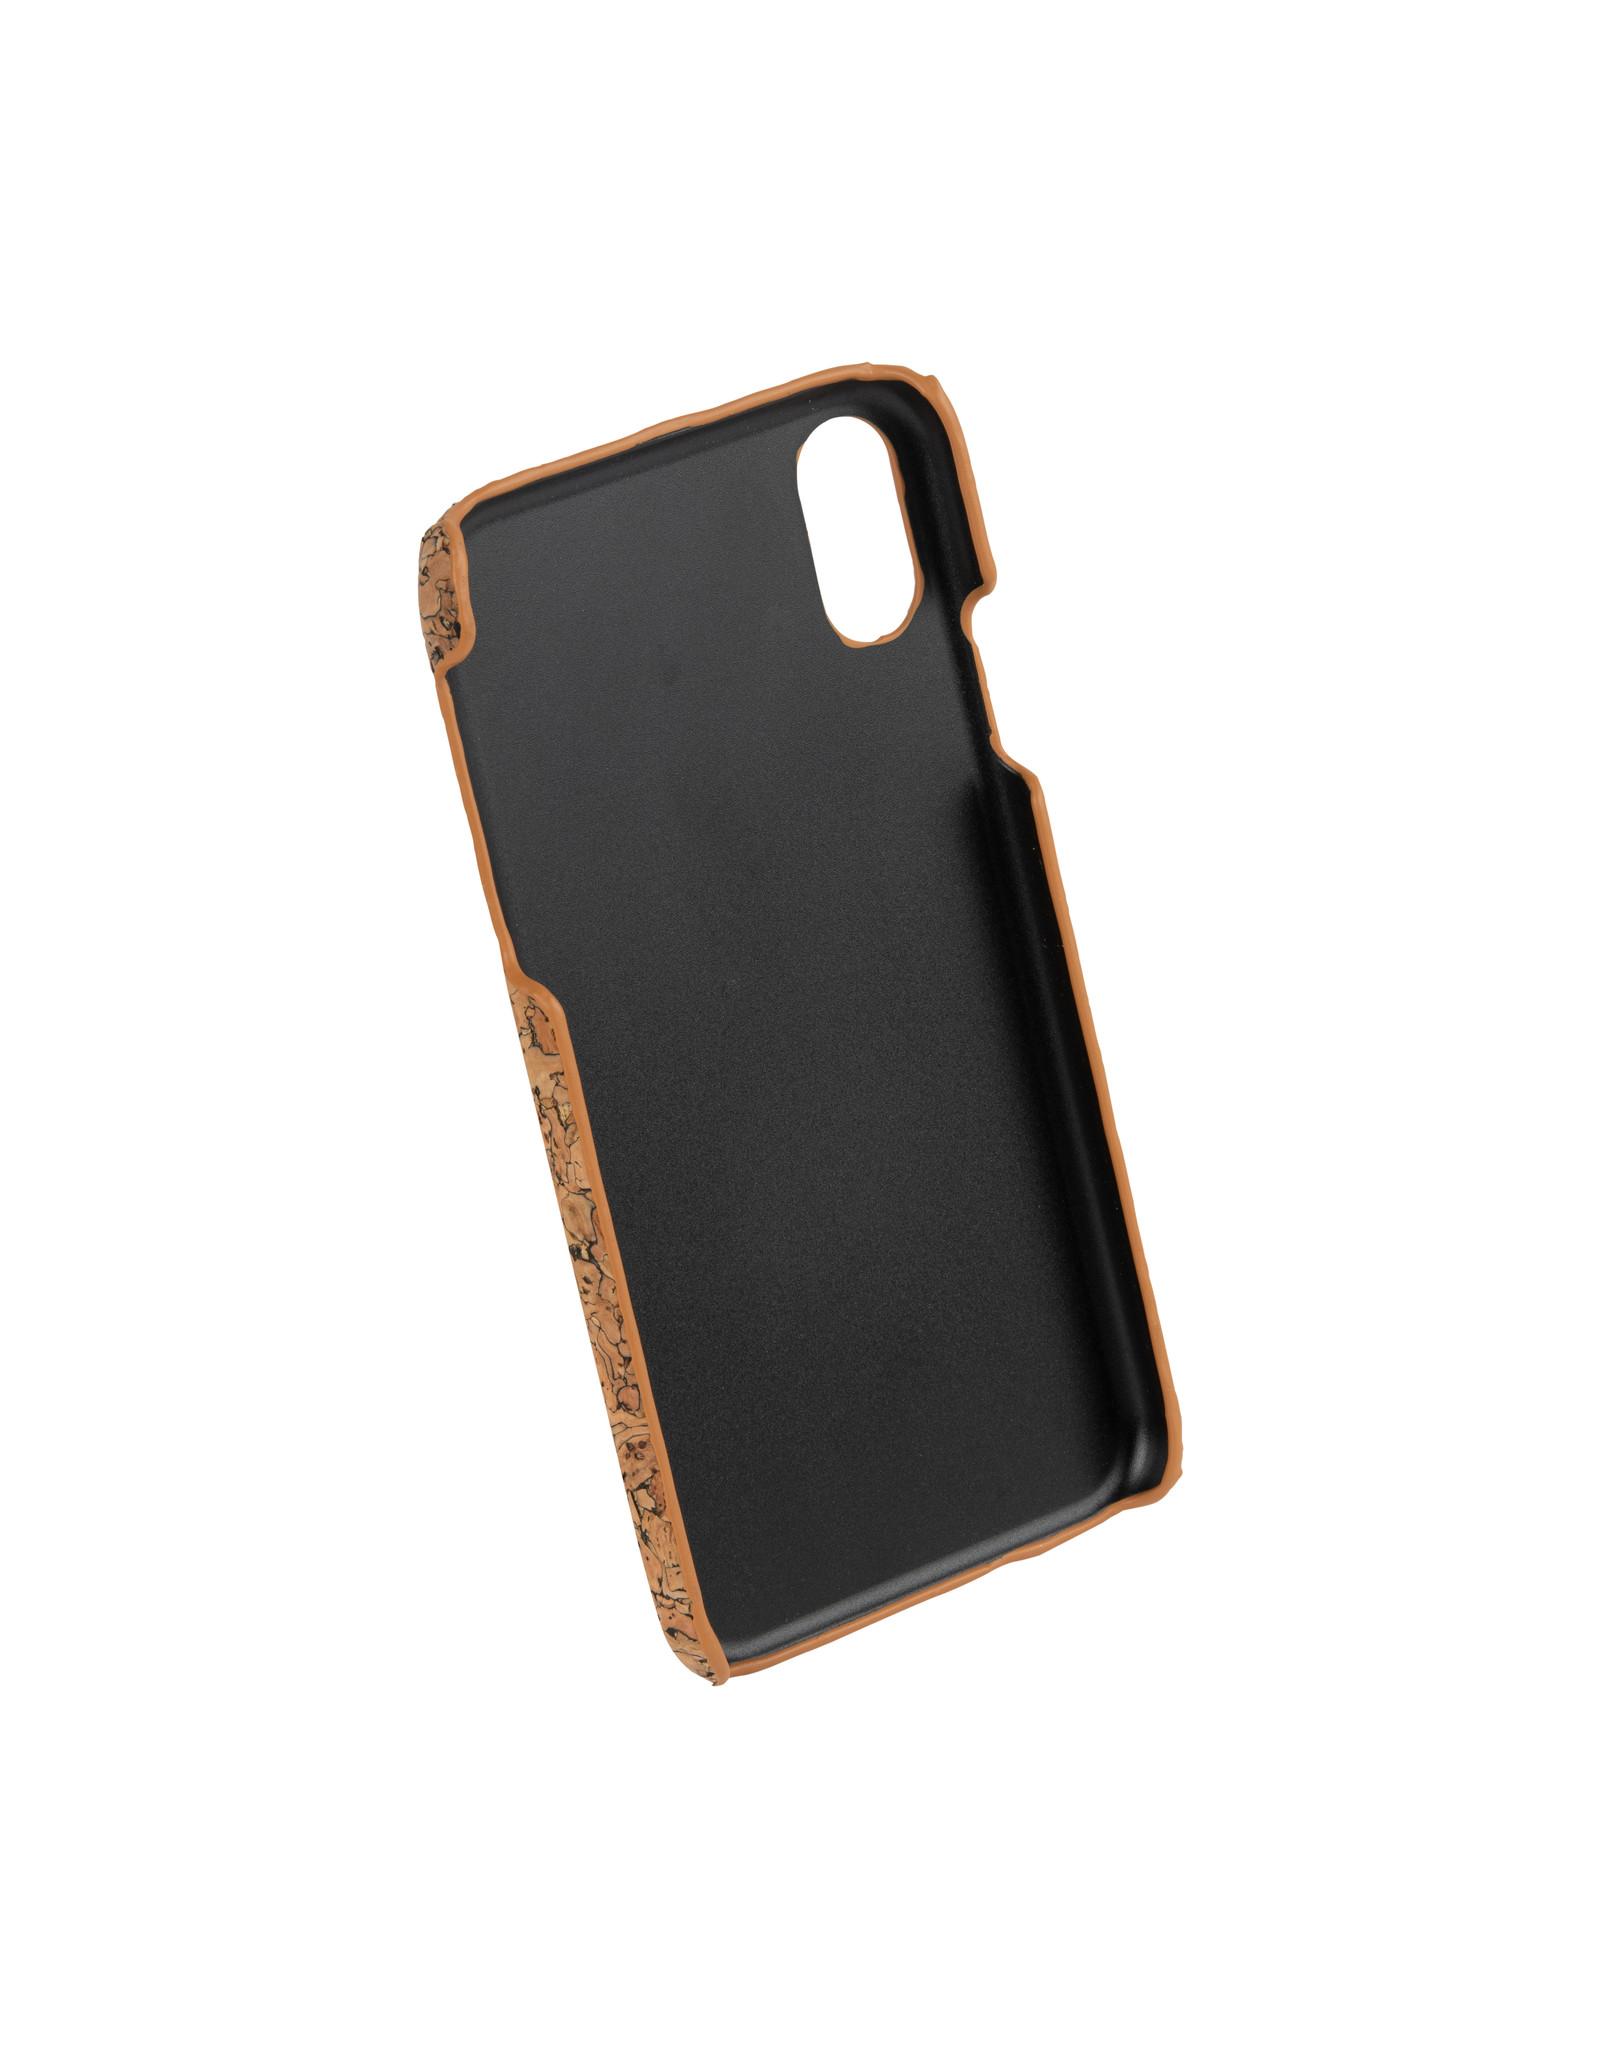 KURQ - Kurk telefoonhoesje voor iPhone XR